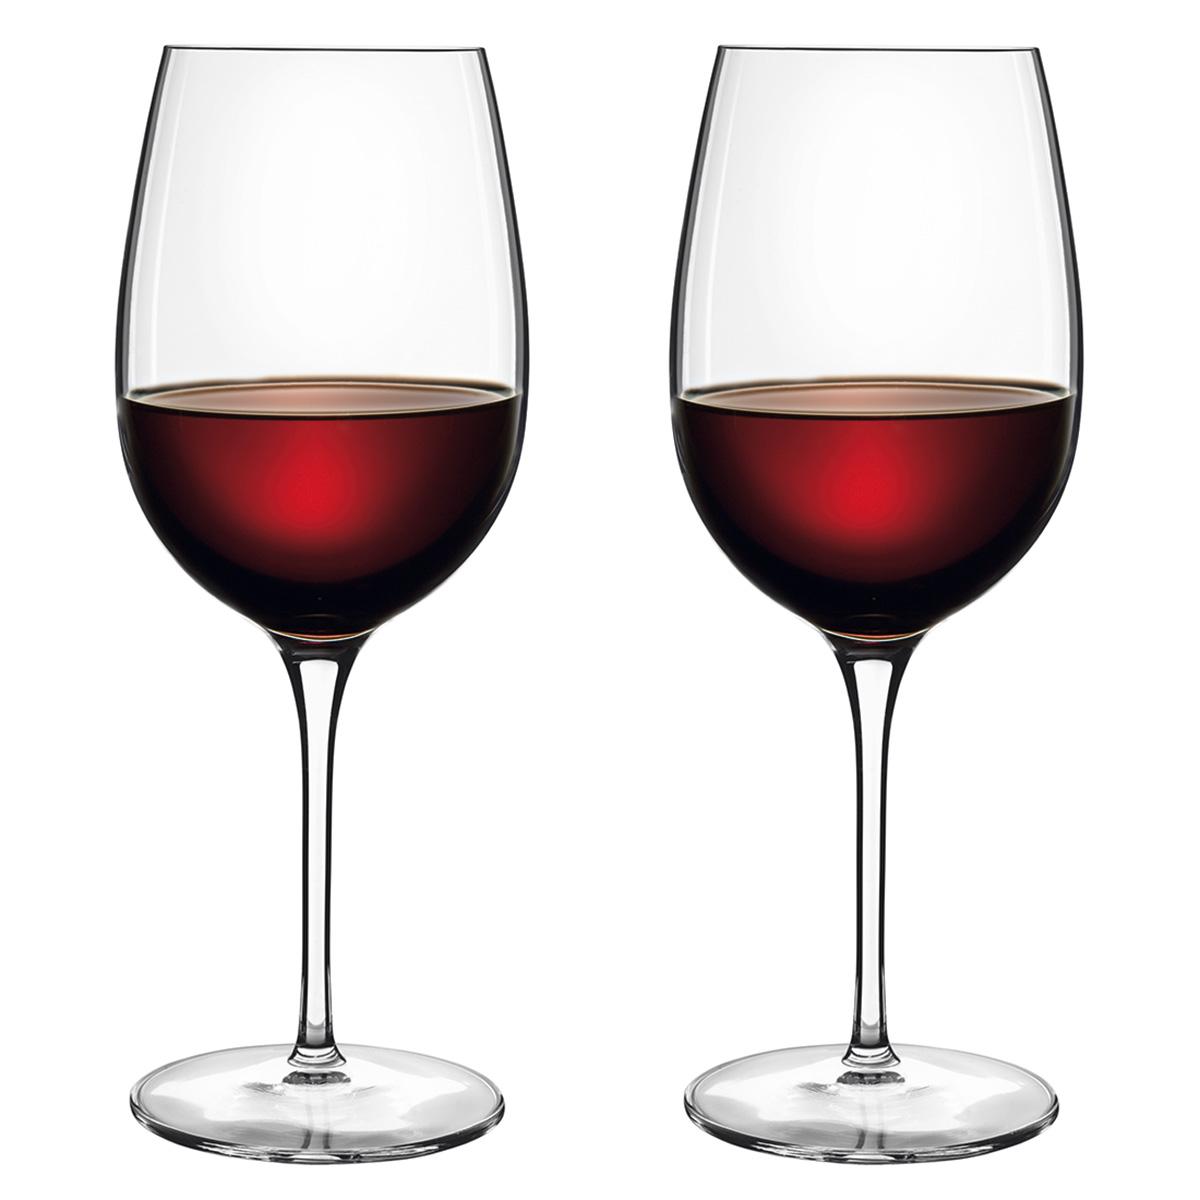 Billede af Luigi Bormioli rødvinsglas - Vinoteque - 2 stk.